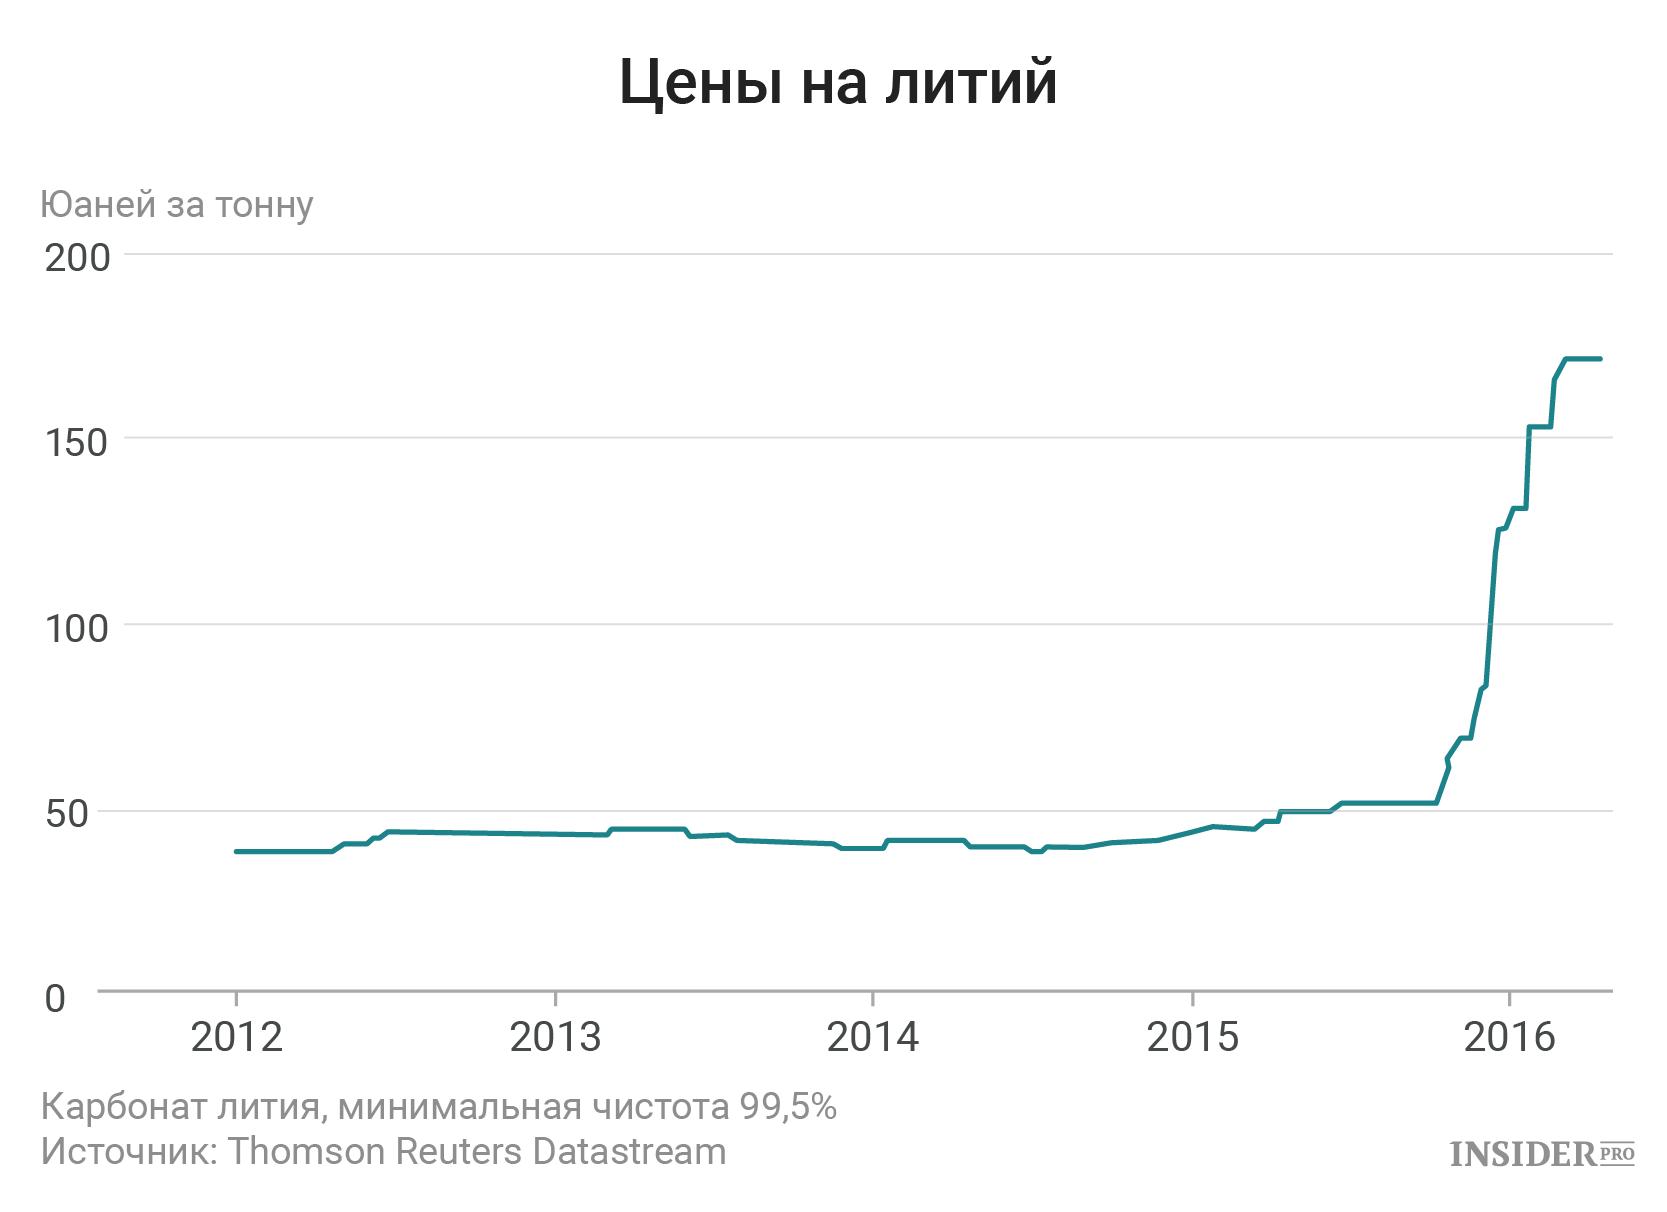 Цены на литий